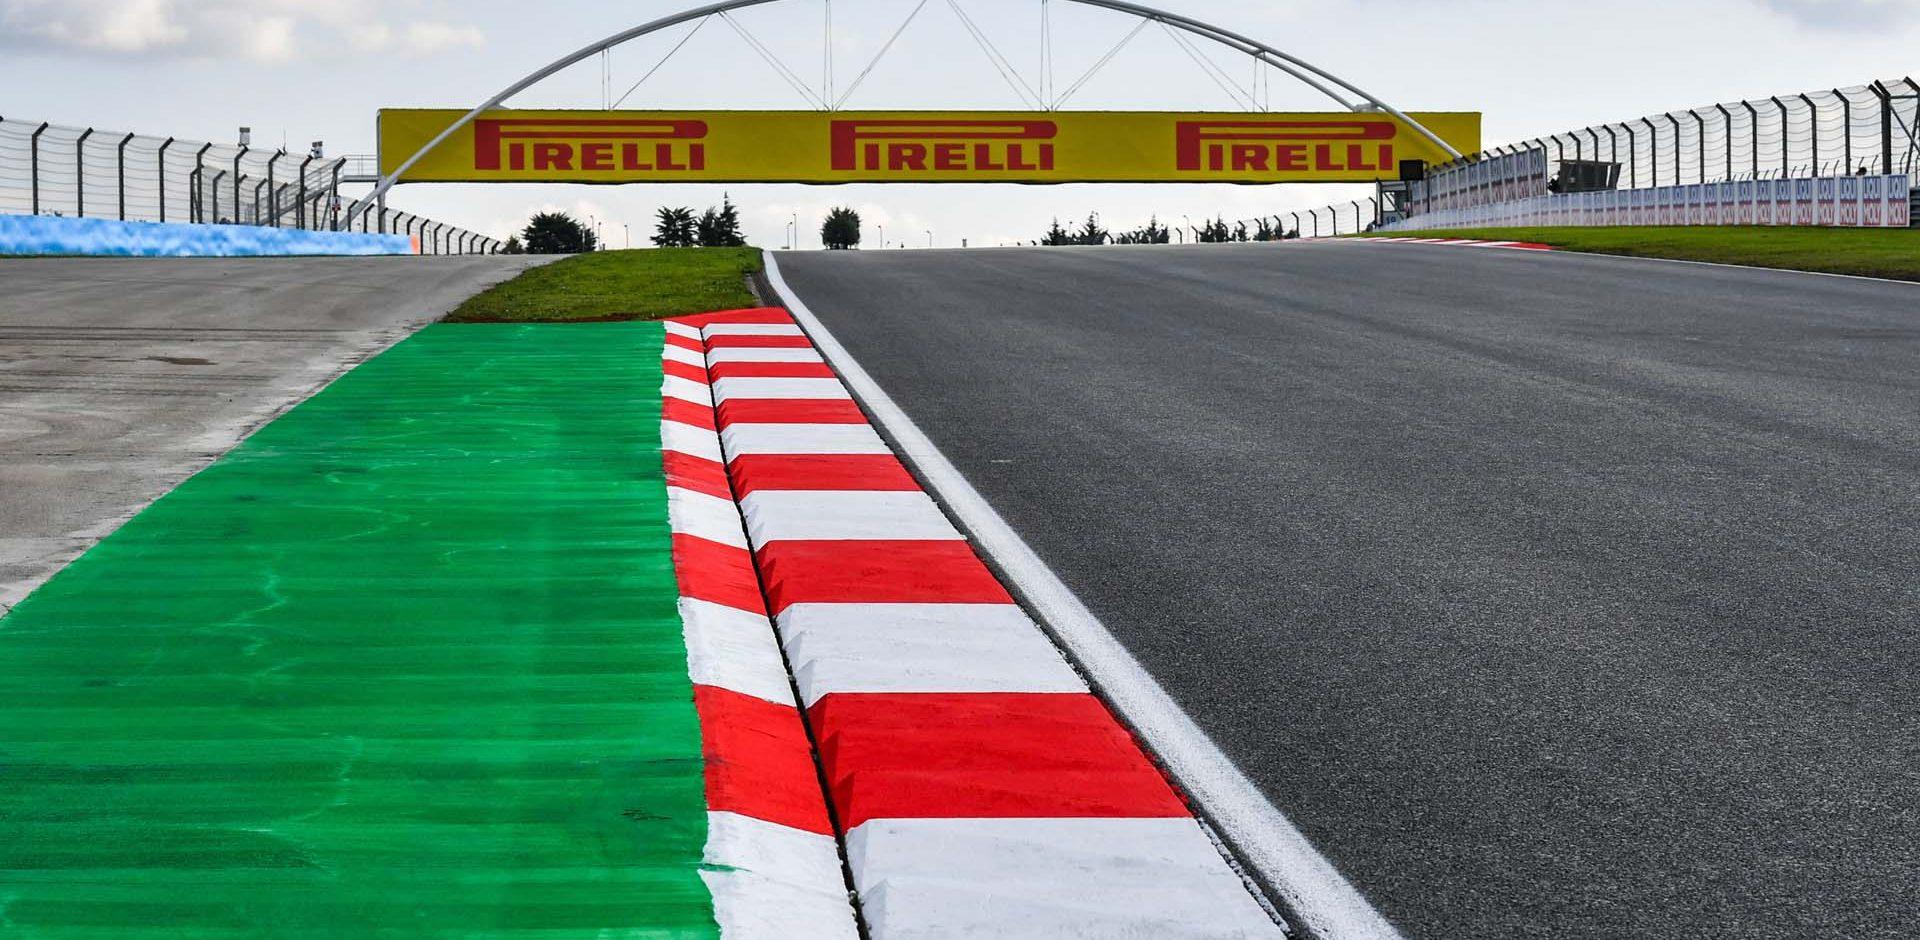 Istanbul Park, Turkish Grand Prix, 2020